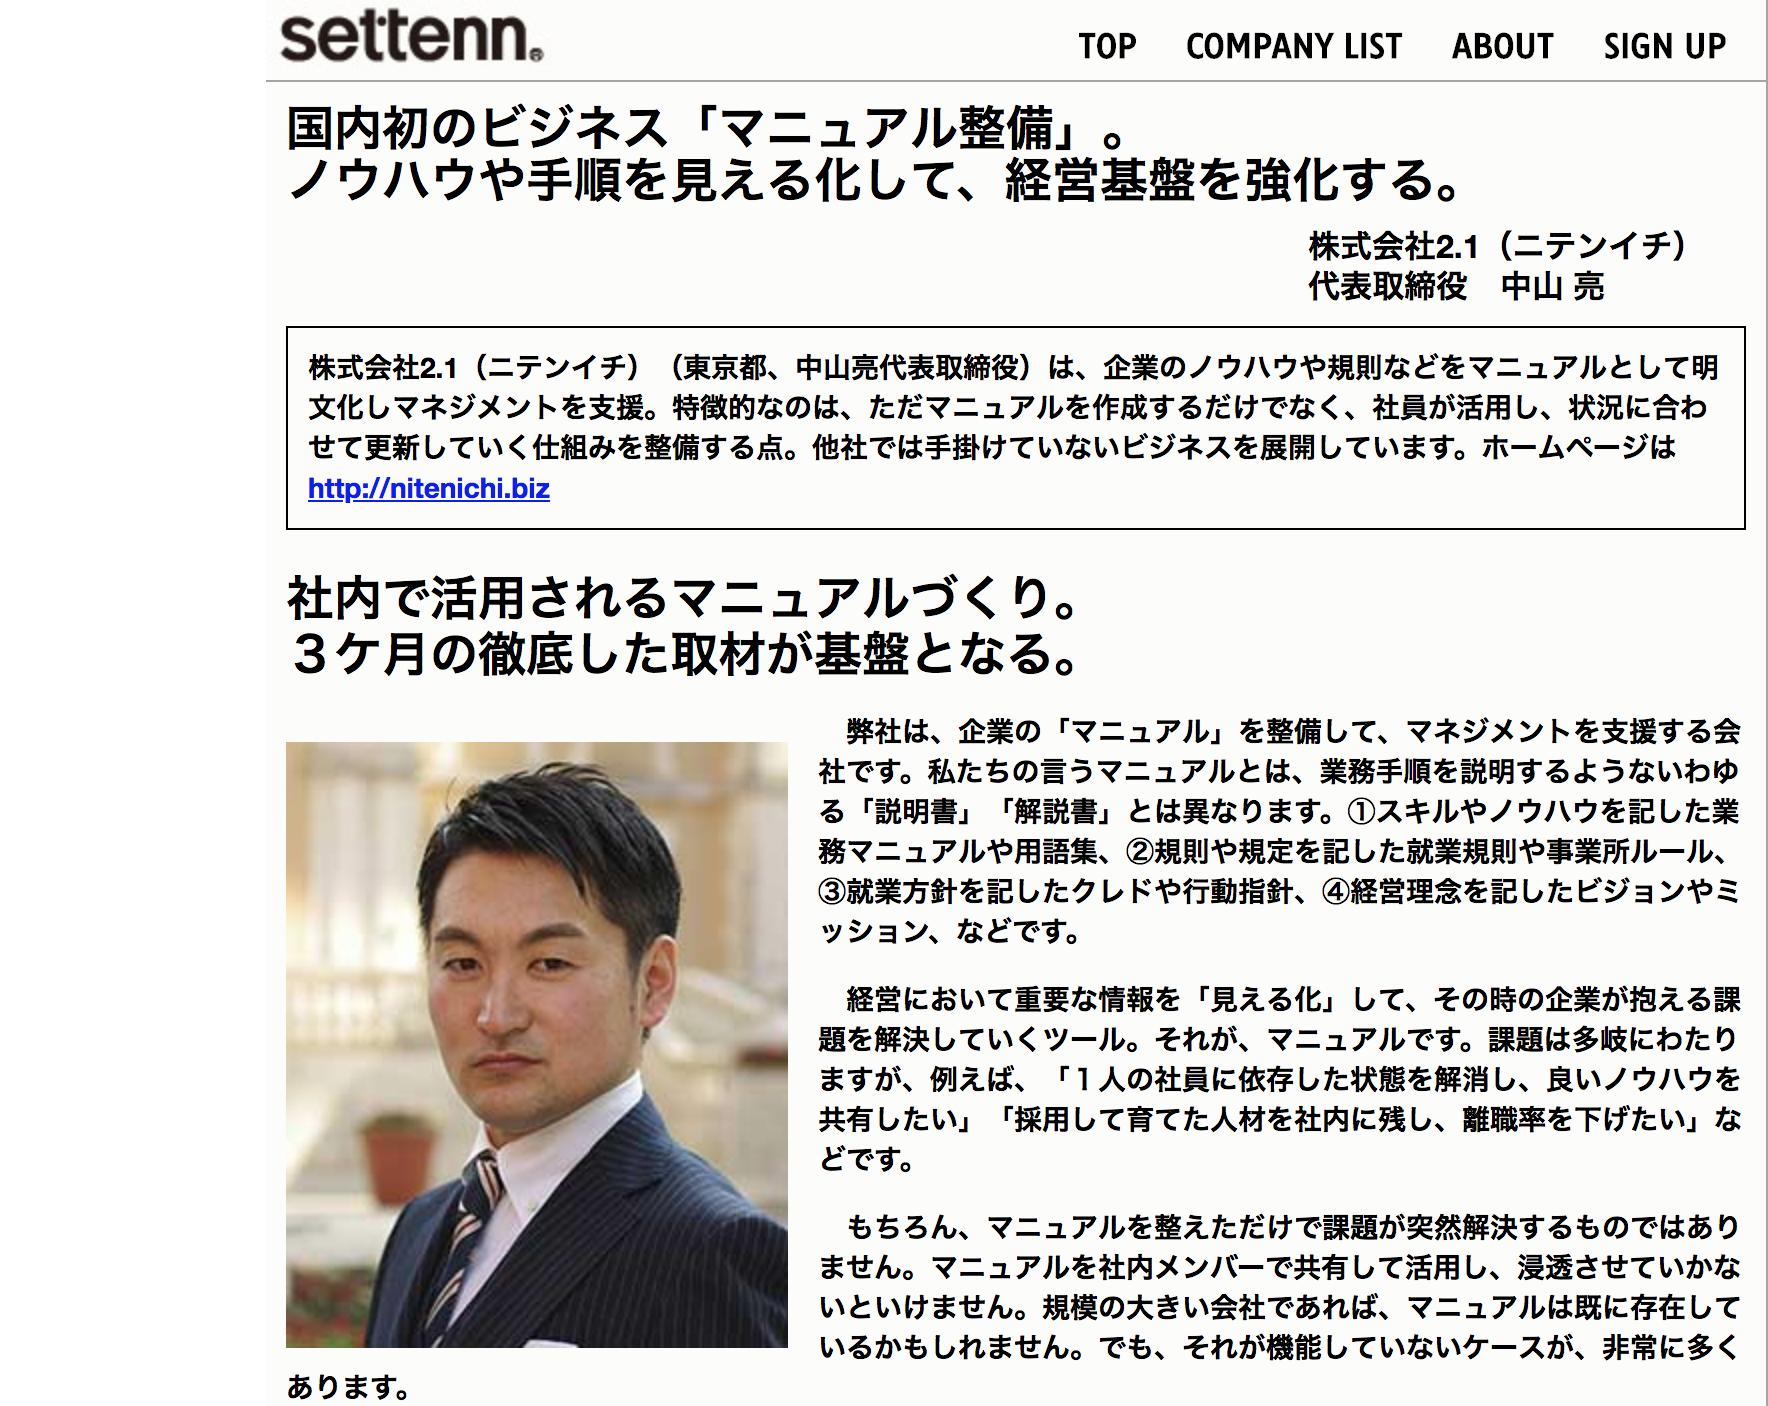 メディア掲載 | マニュアル整備の2.1 | 株式会社2.1 | Nitenichi' INC.